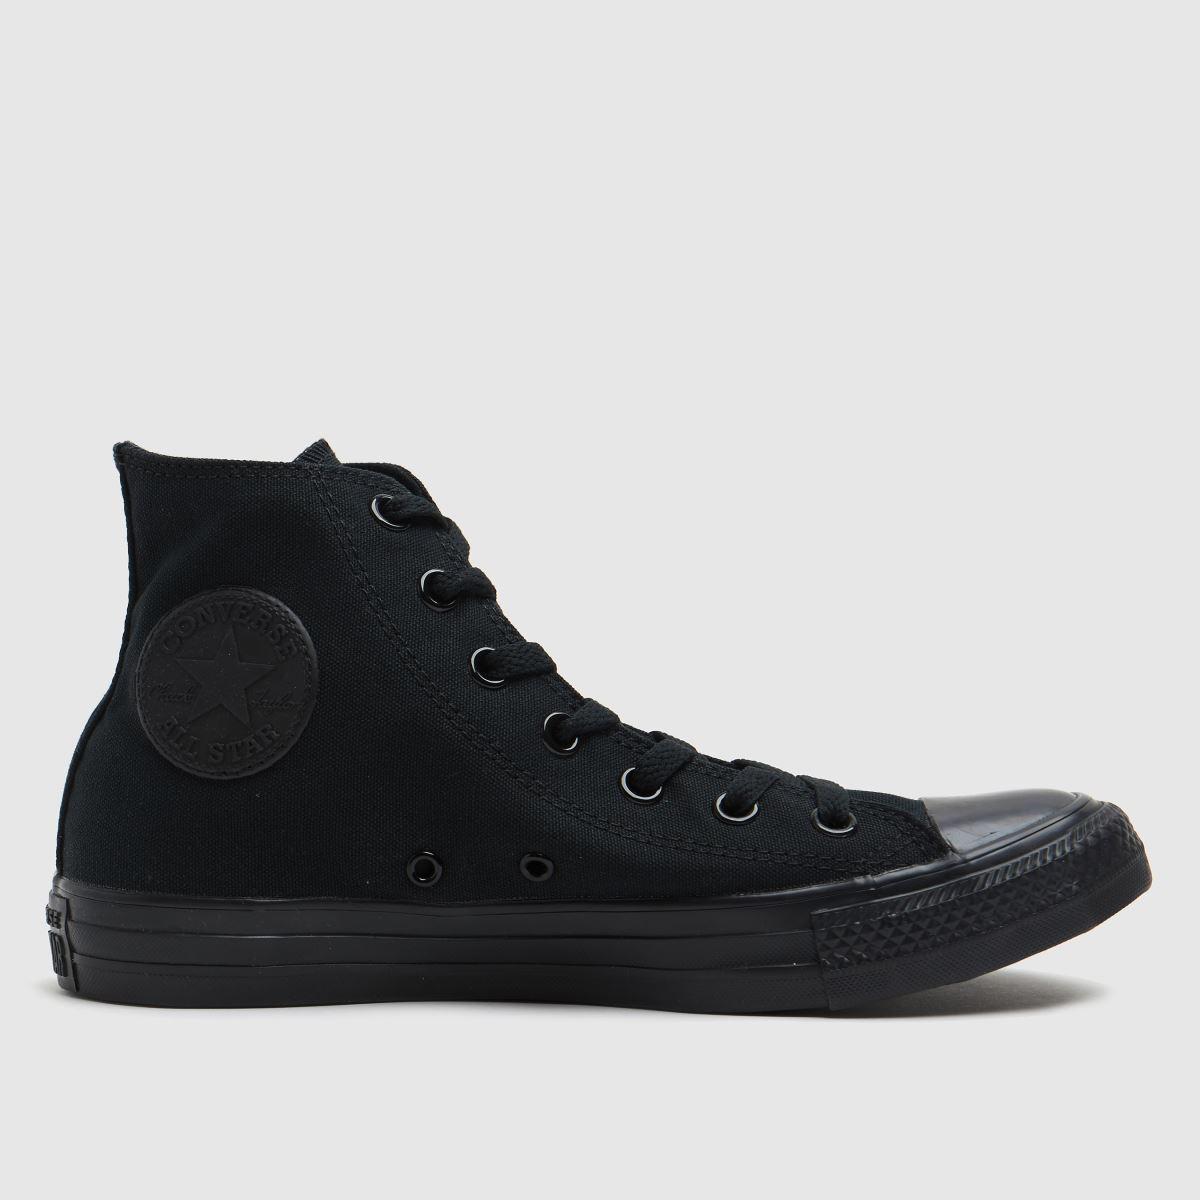 Sfc Converse Shoes